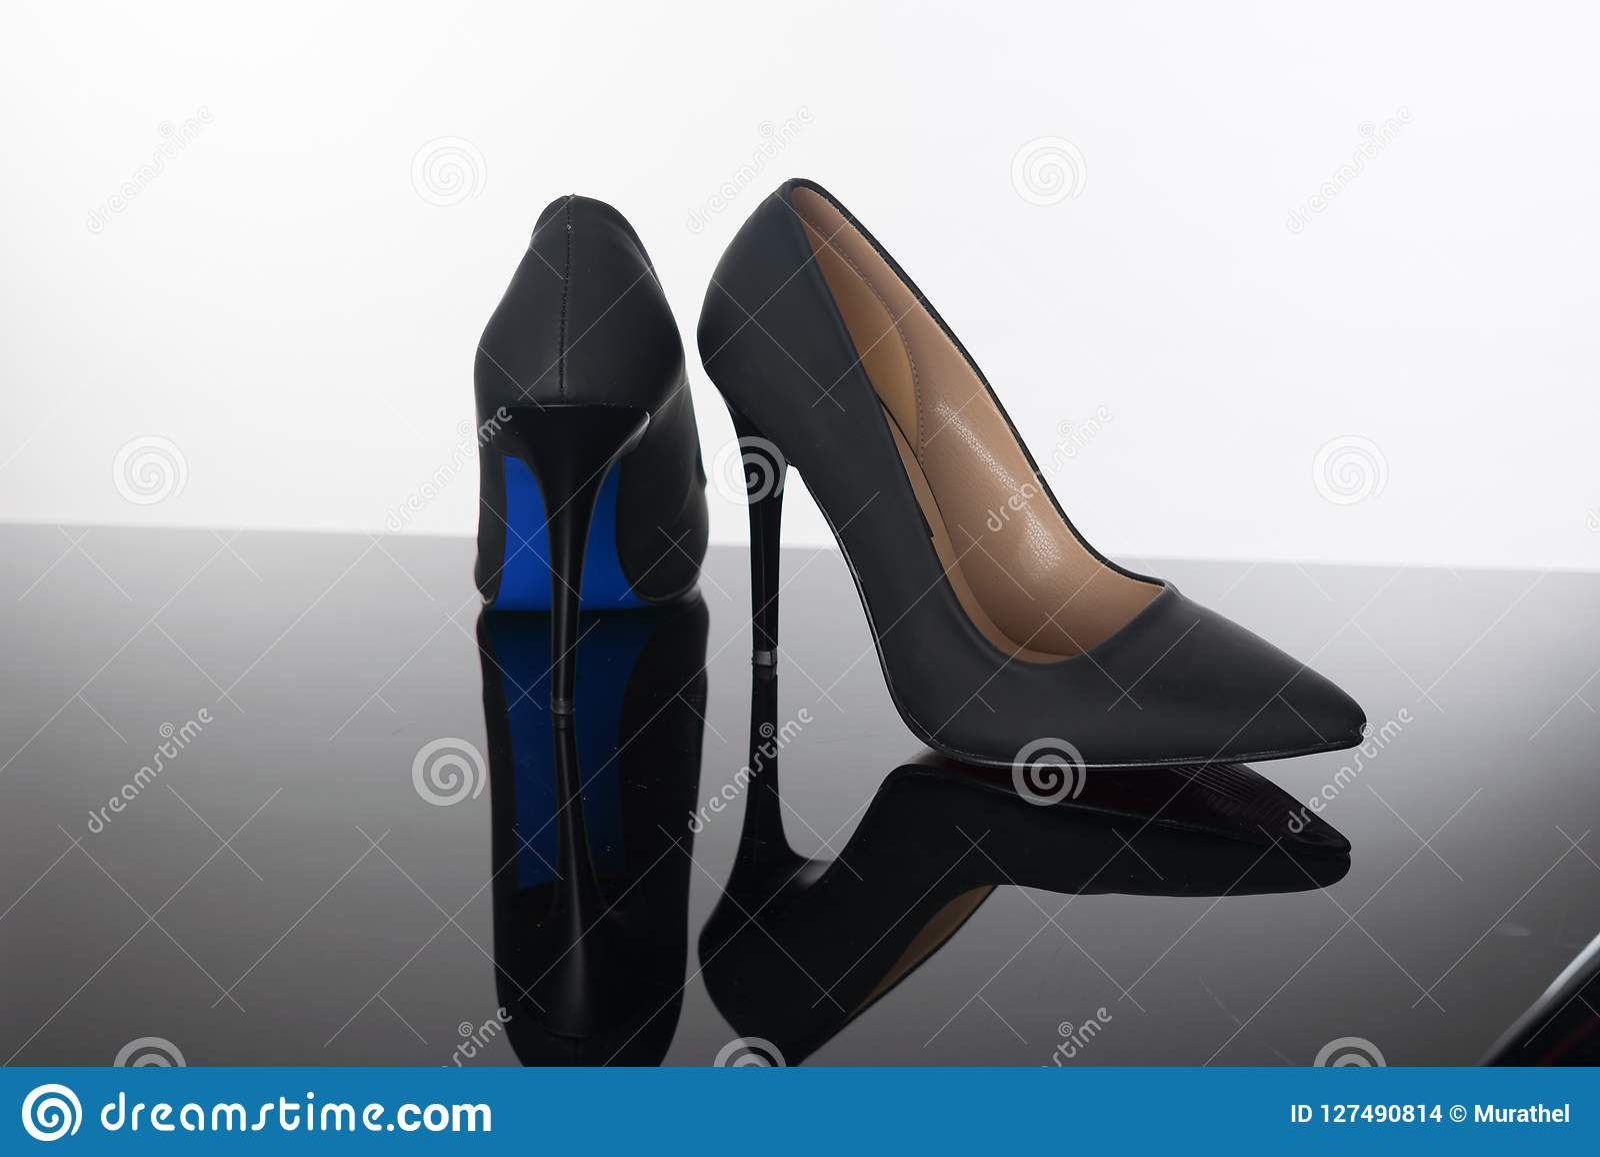 97af420a5a9c7a Paare Schuhe der spitzen Frau mit blauen hohen Absätzen der Seezungen auf  reflektierendem Boden